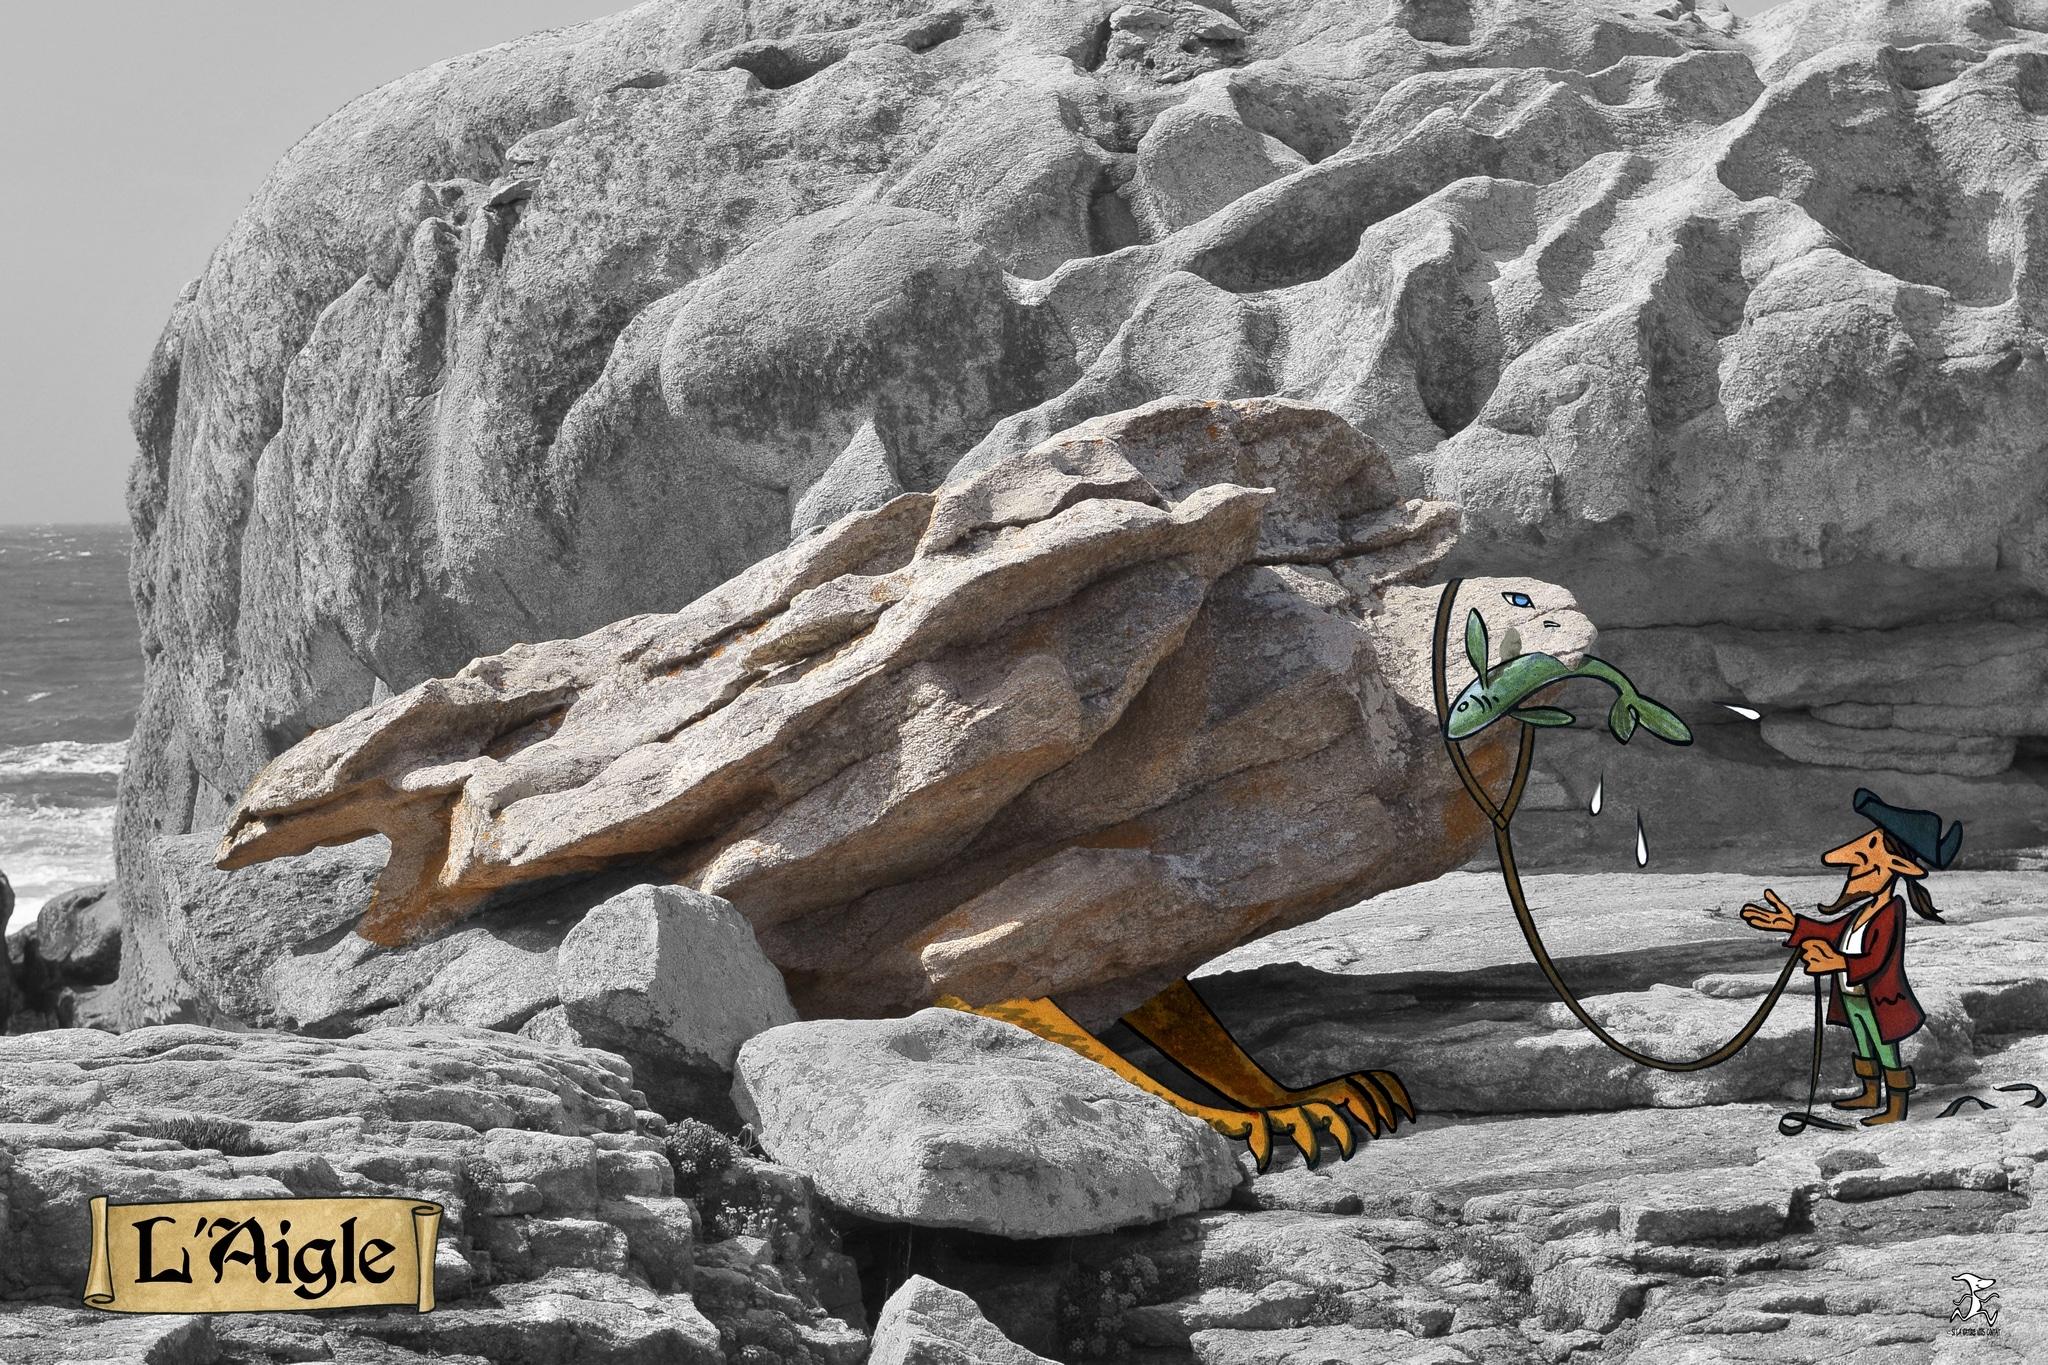 aigle 02 bd dessin penmarc'h dessin julien Lamanda photo damien Journée